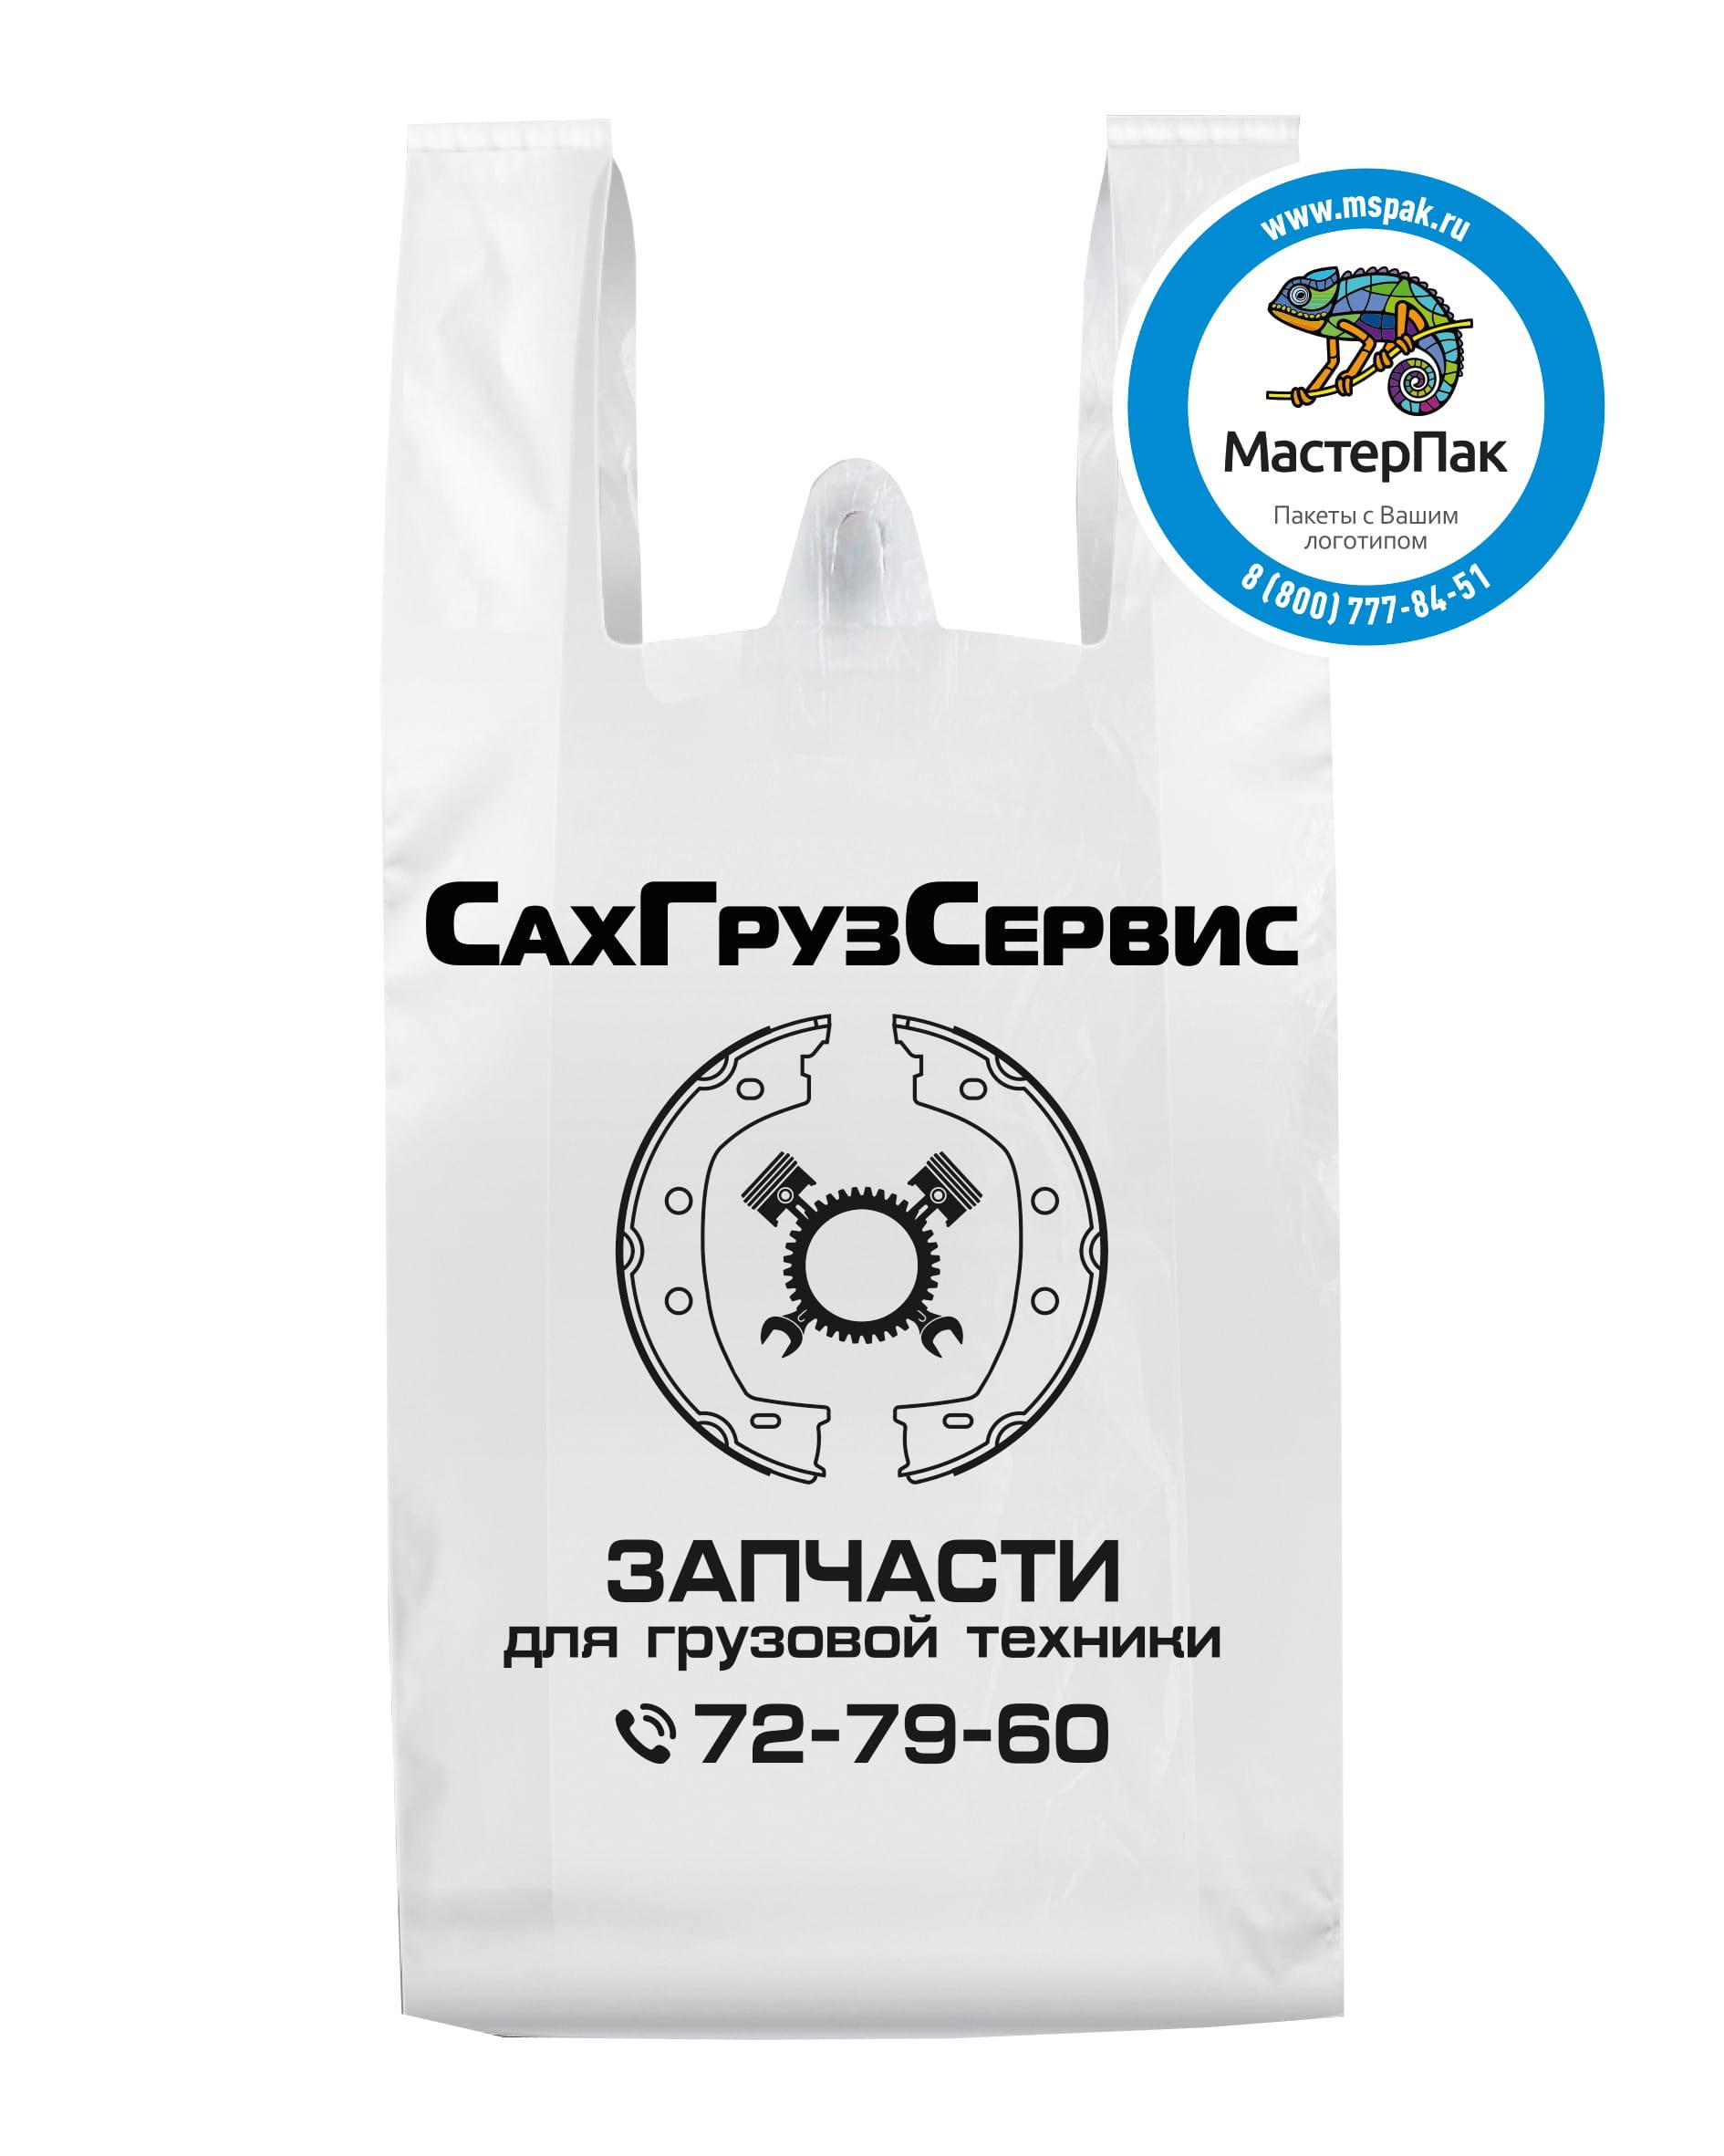 Пакет-майка ПНД с логотипом СахГрузСервис, флексопечать, 25 мкм, белый, 30*60